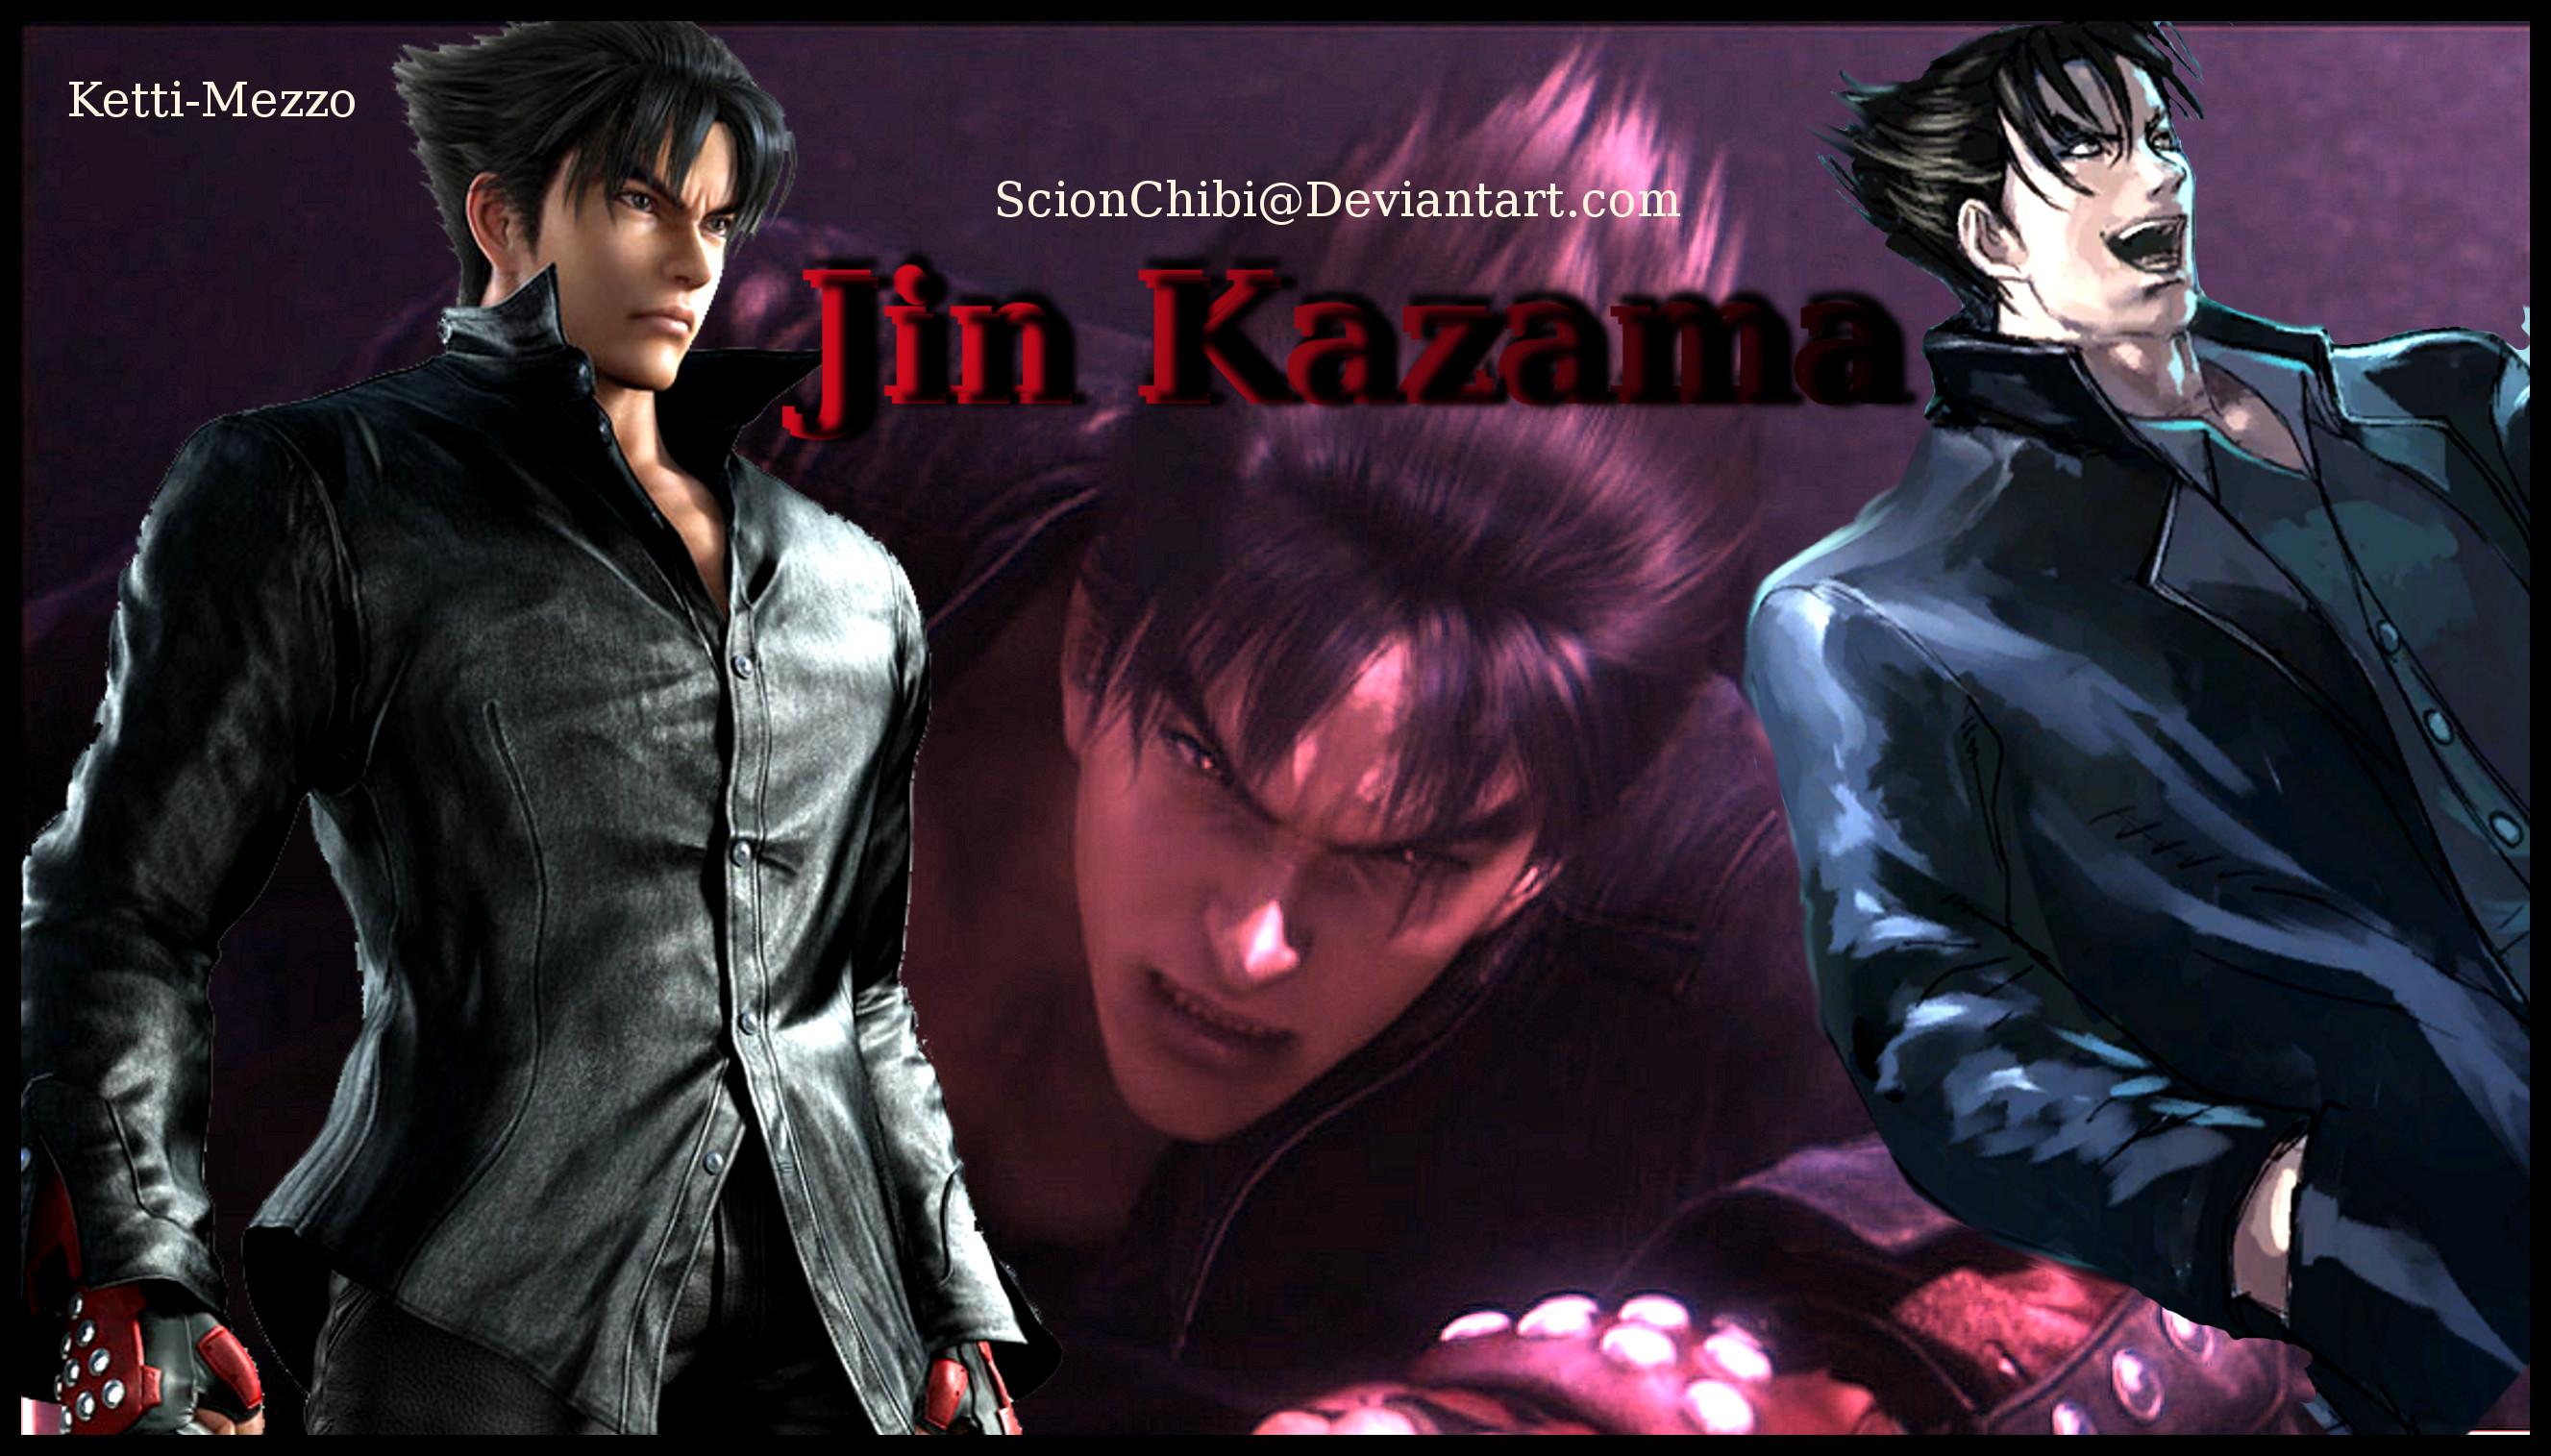 Jin Kazama Tekken 7 Posted By John Walker